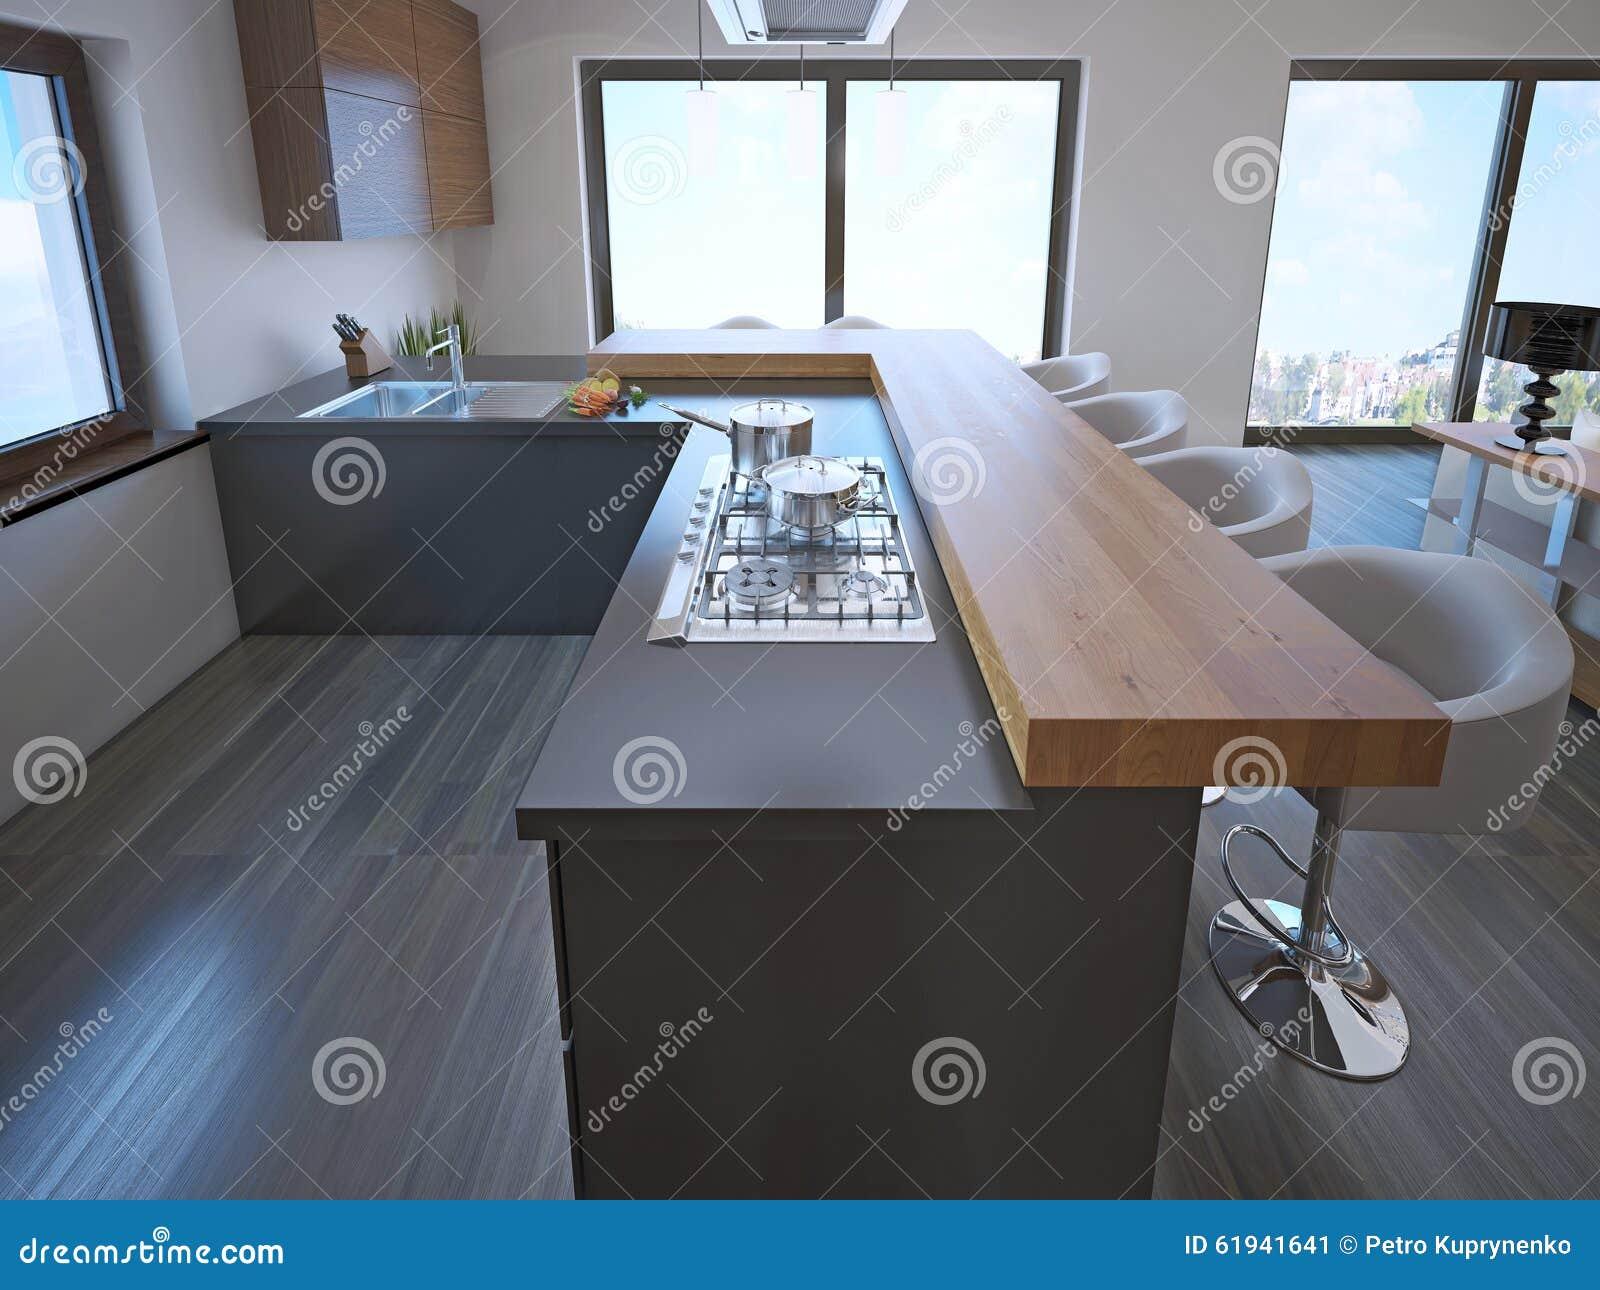 Avant garde kitchen island bar stock illustration for Avant garde interiors